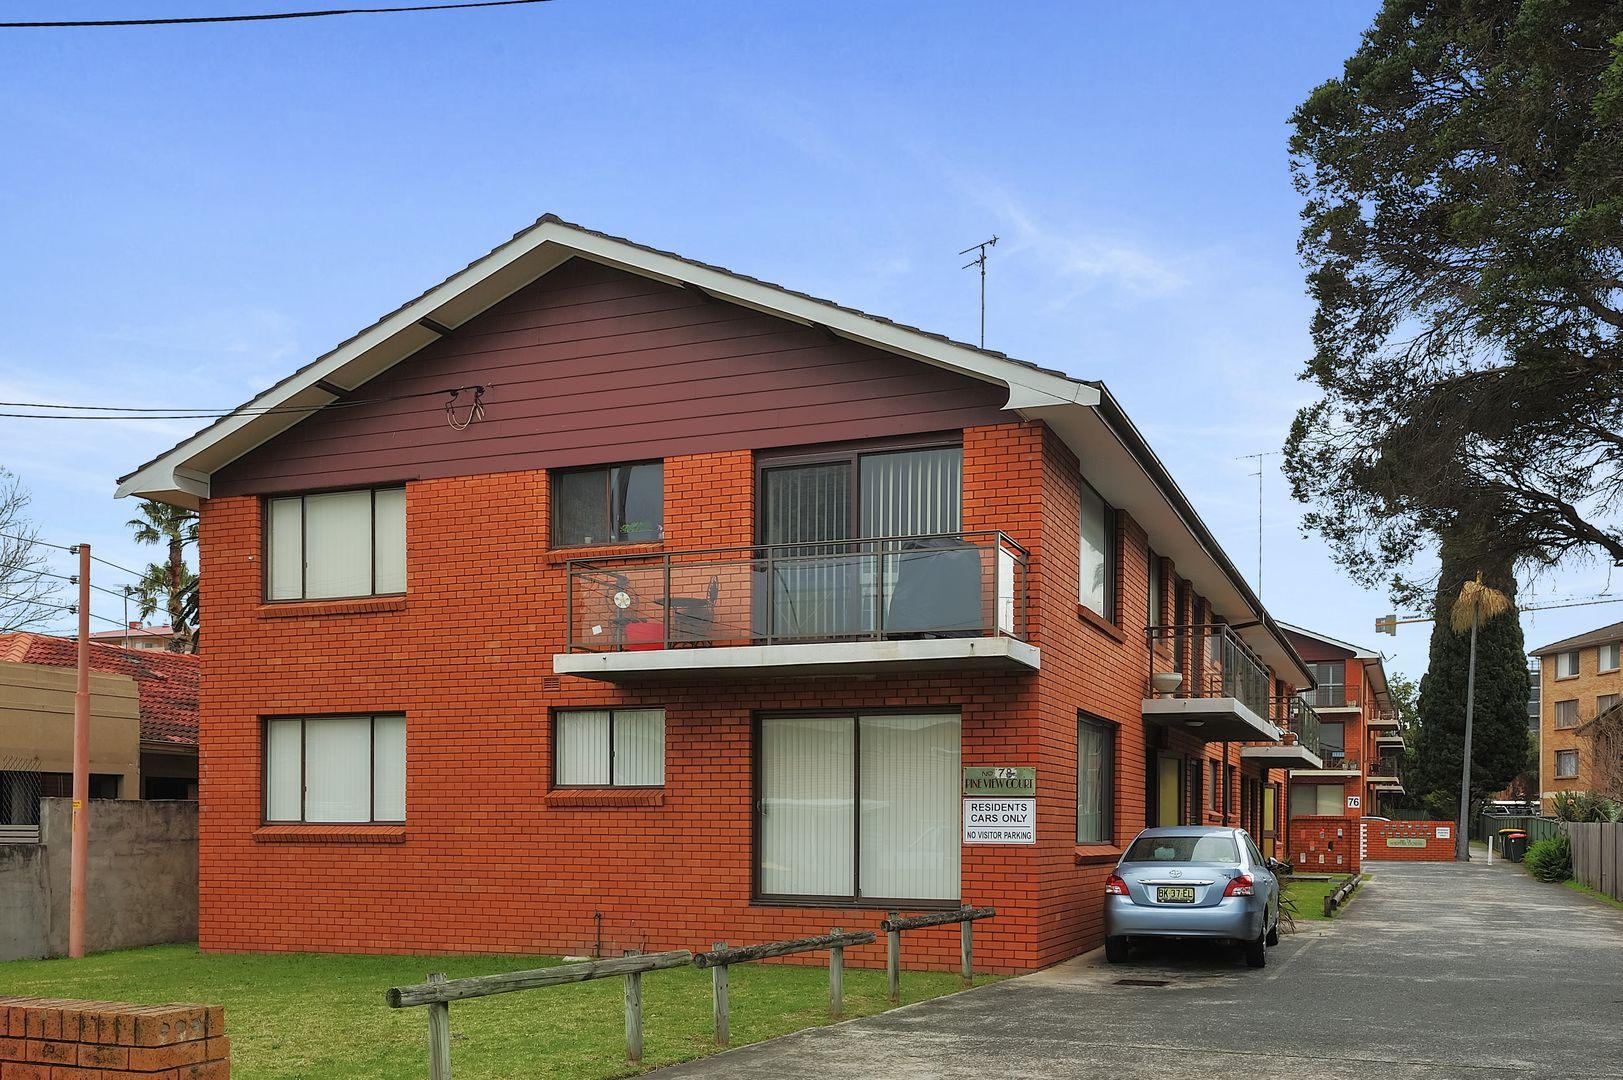 4/78 Corrimal  Street, Wollongong NSW 2500, Image 1